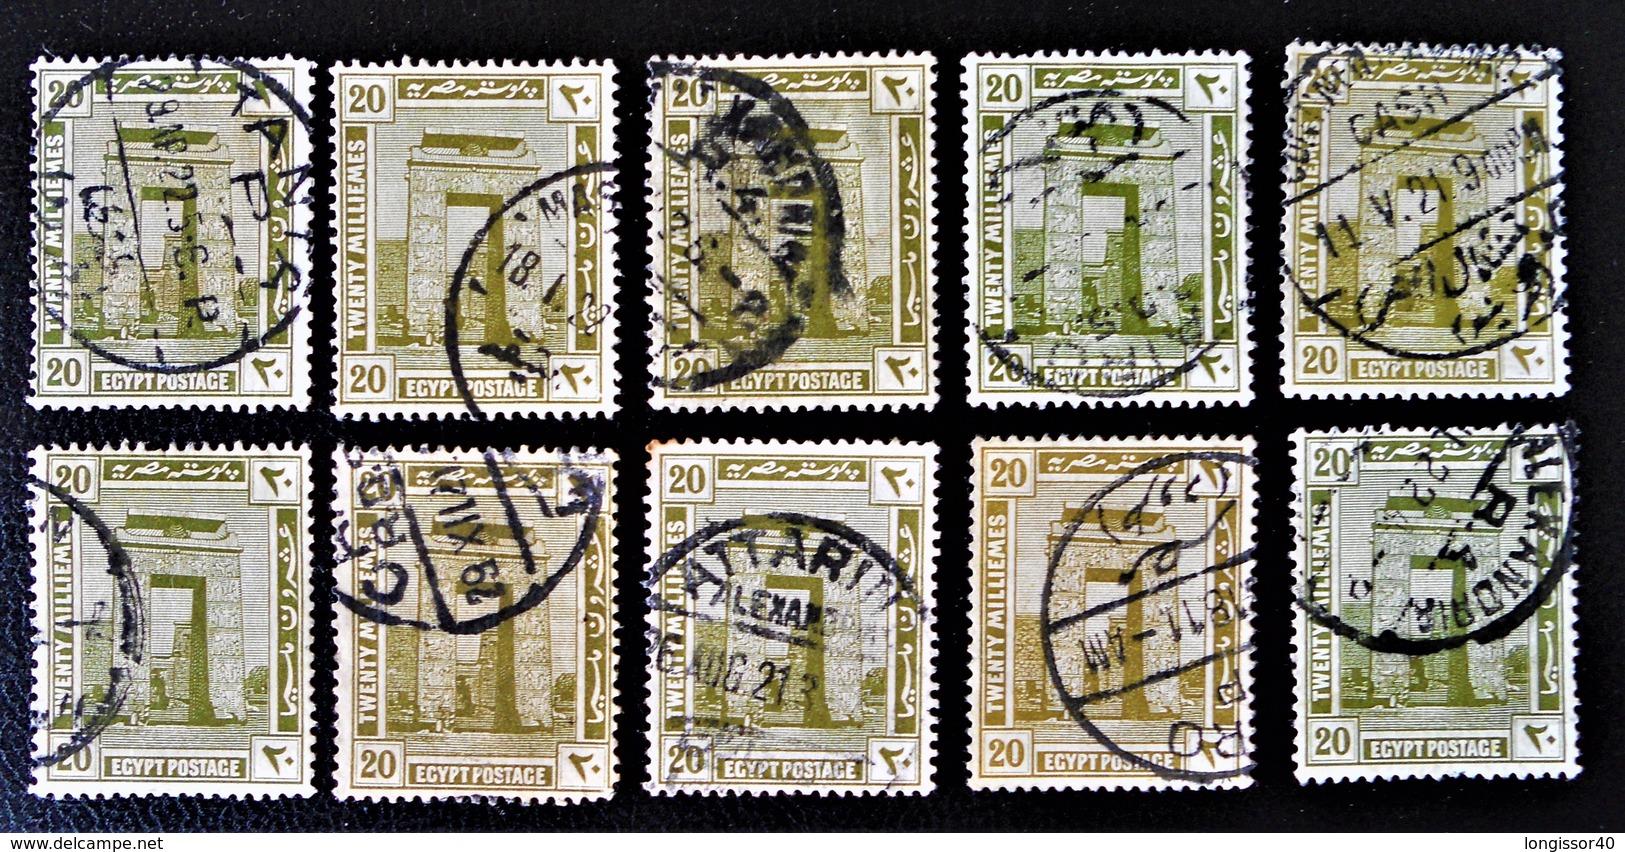 PROTECTORAT BRITANNIQUE - TEMPLE DE KARNAK 1922 - OBLITERES - YT 6 - VARIETES DE TEINTES ET D'OBLITERATIONS - Égypte